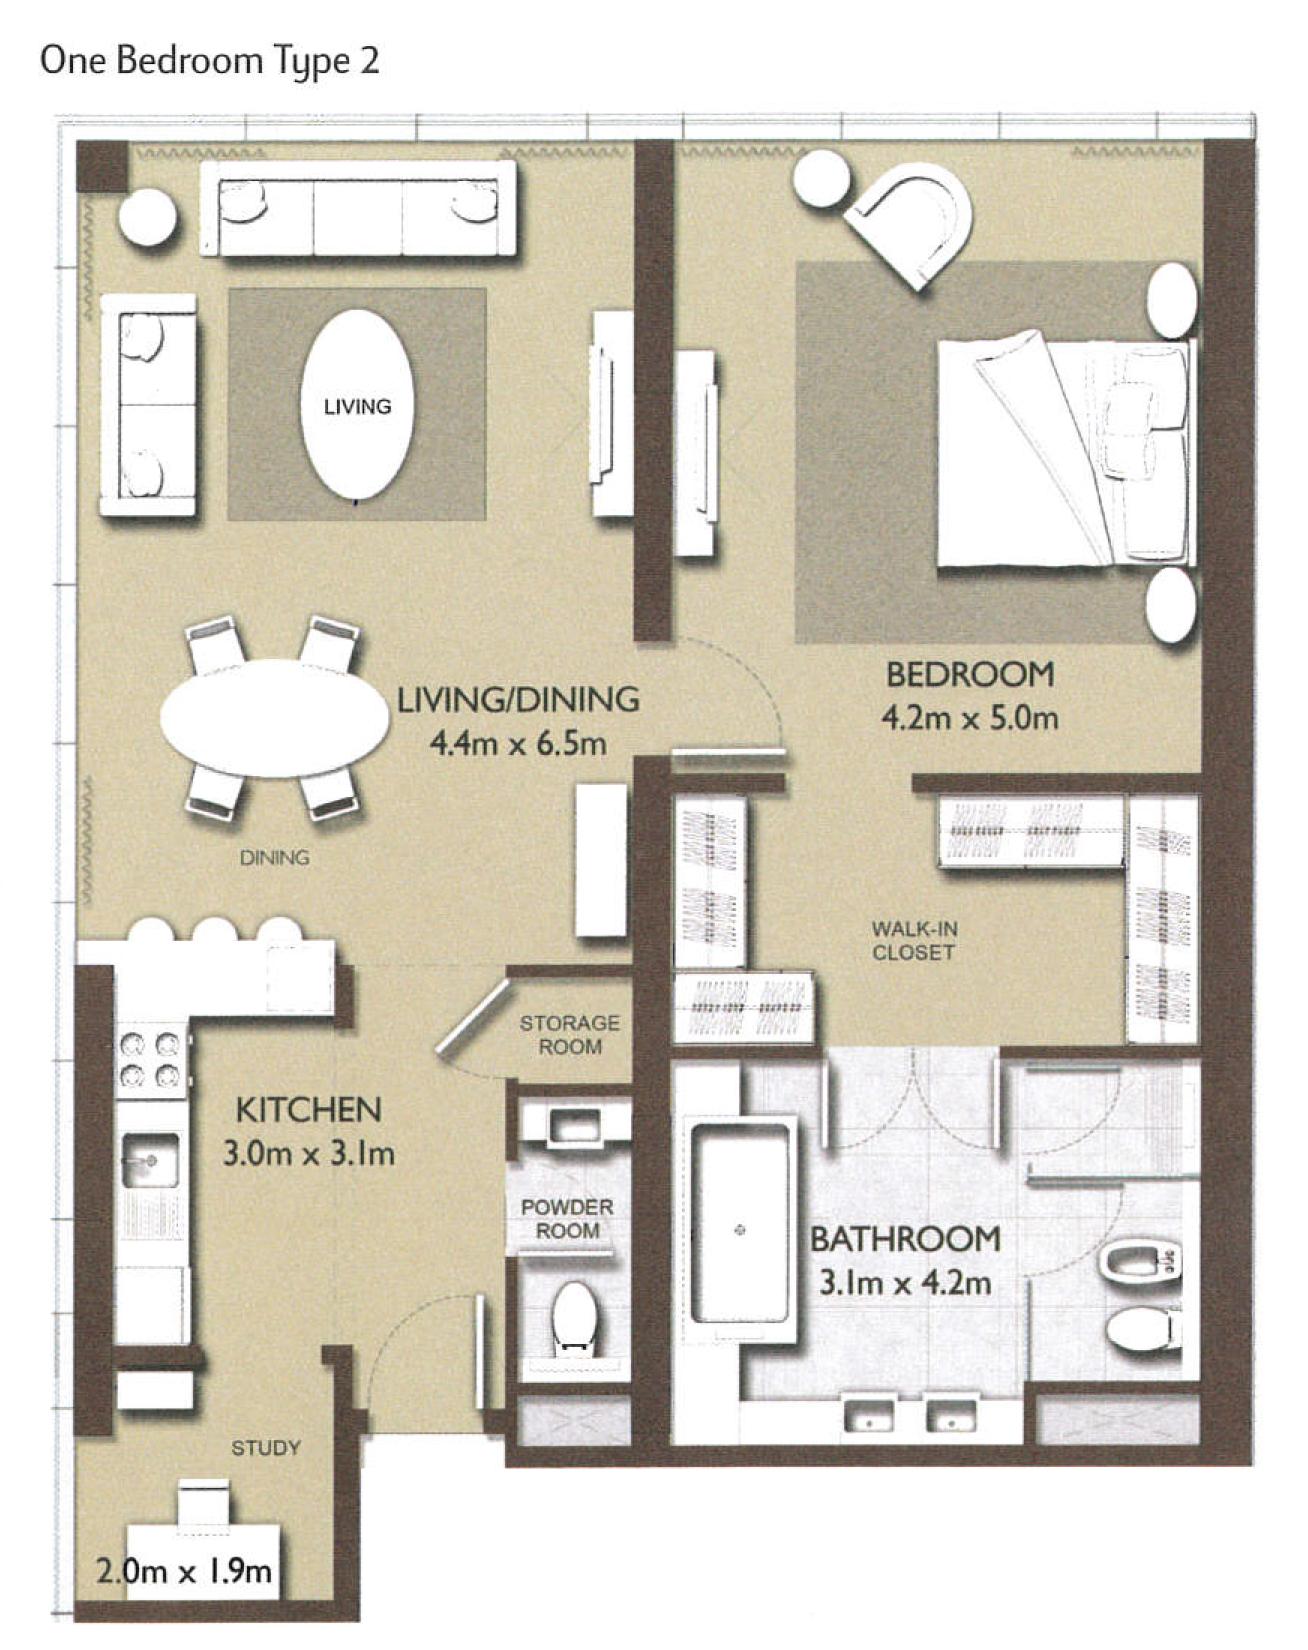 1 Bedroom Type-2